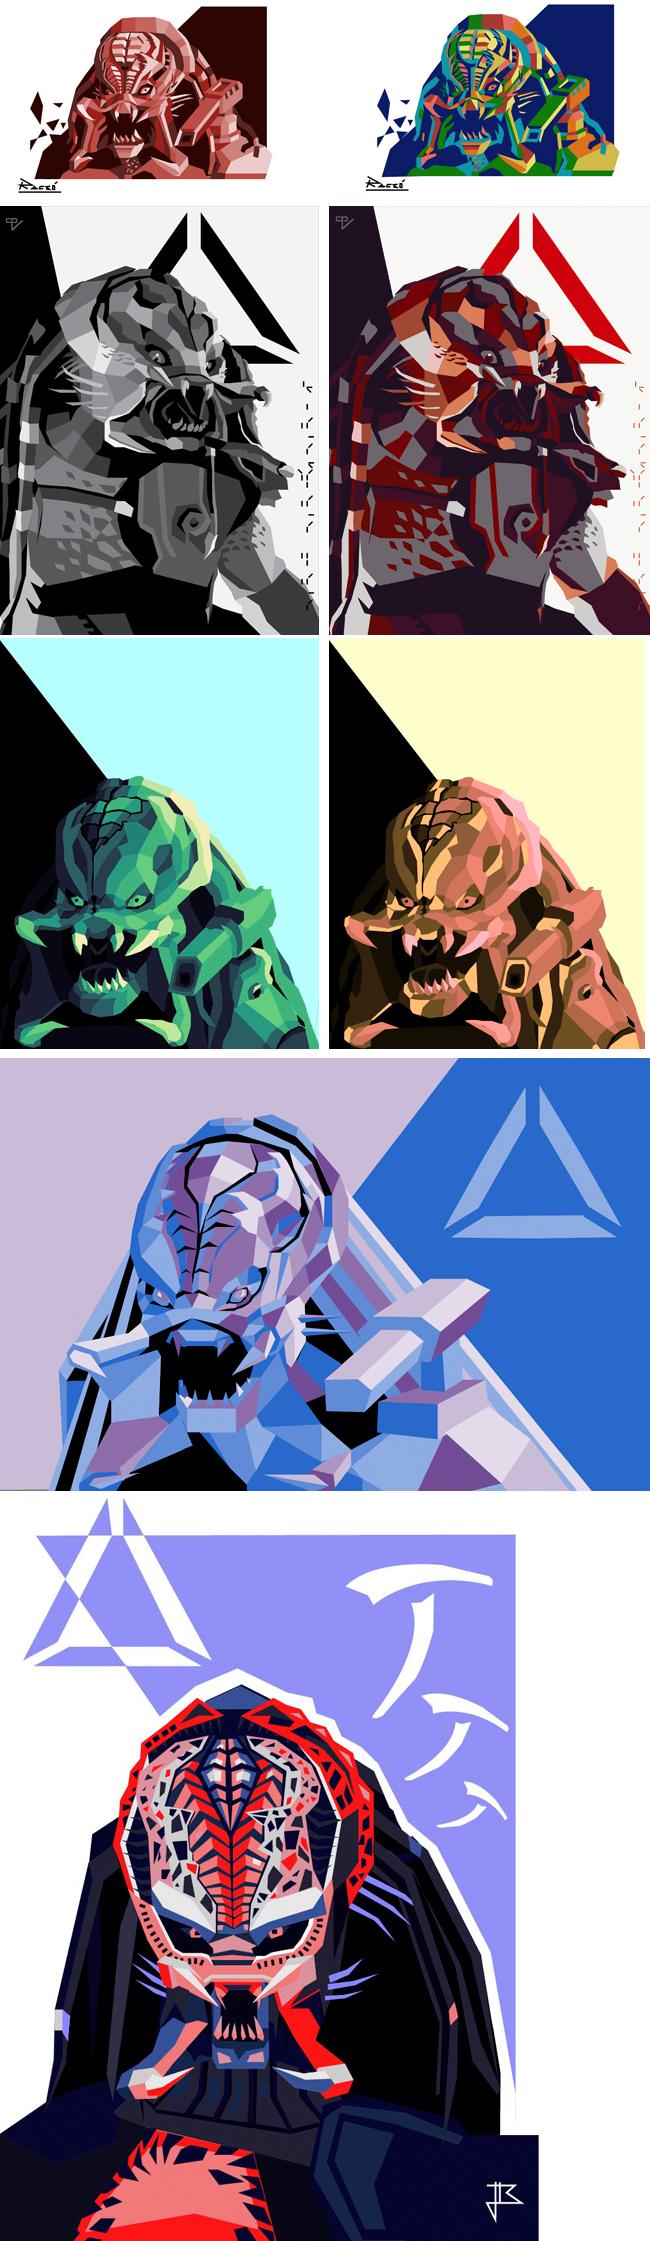 arte-digital-trabajos-alumnos-masterc10-academiac10-madrid copia